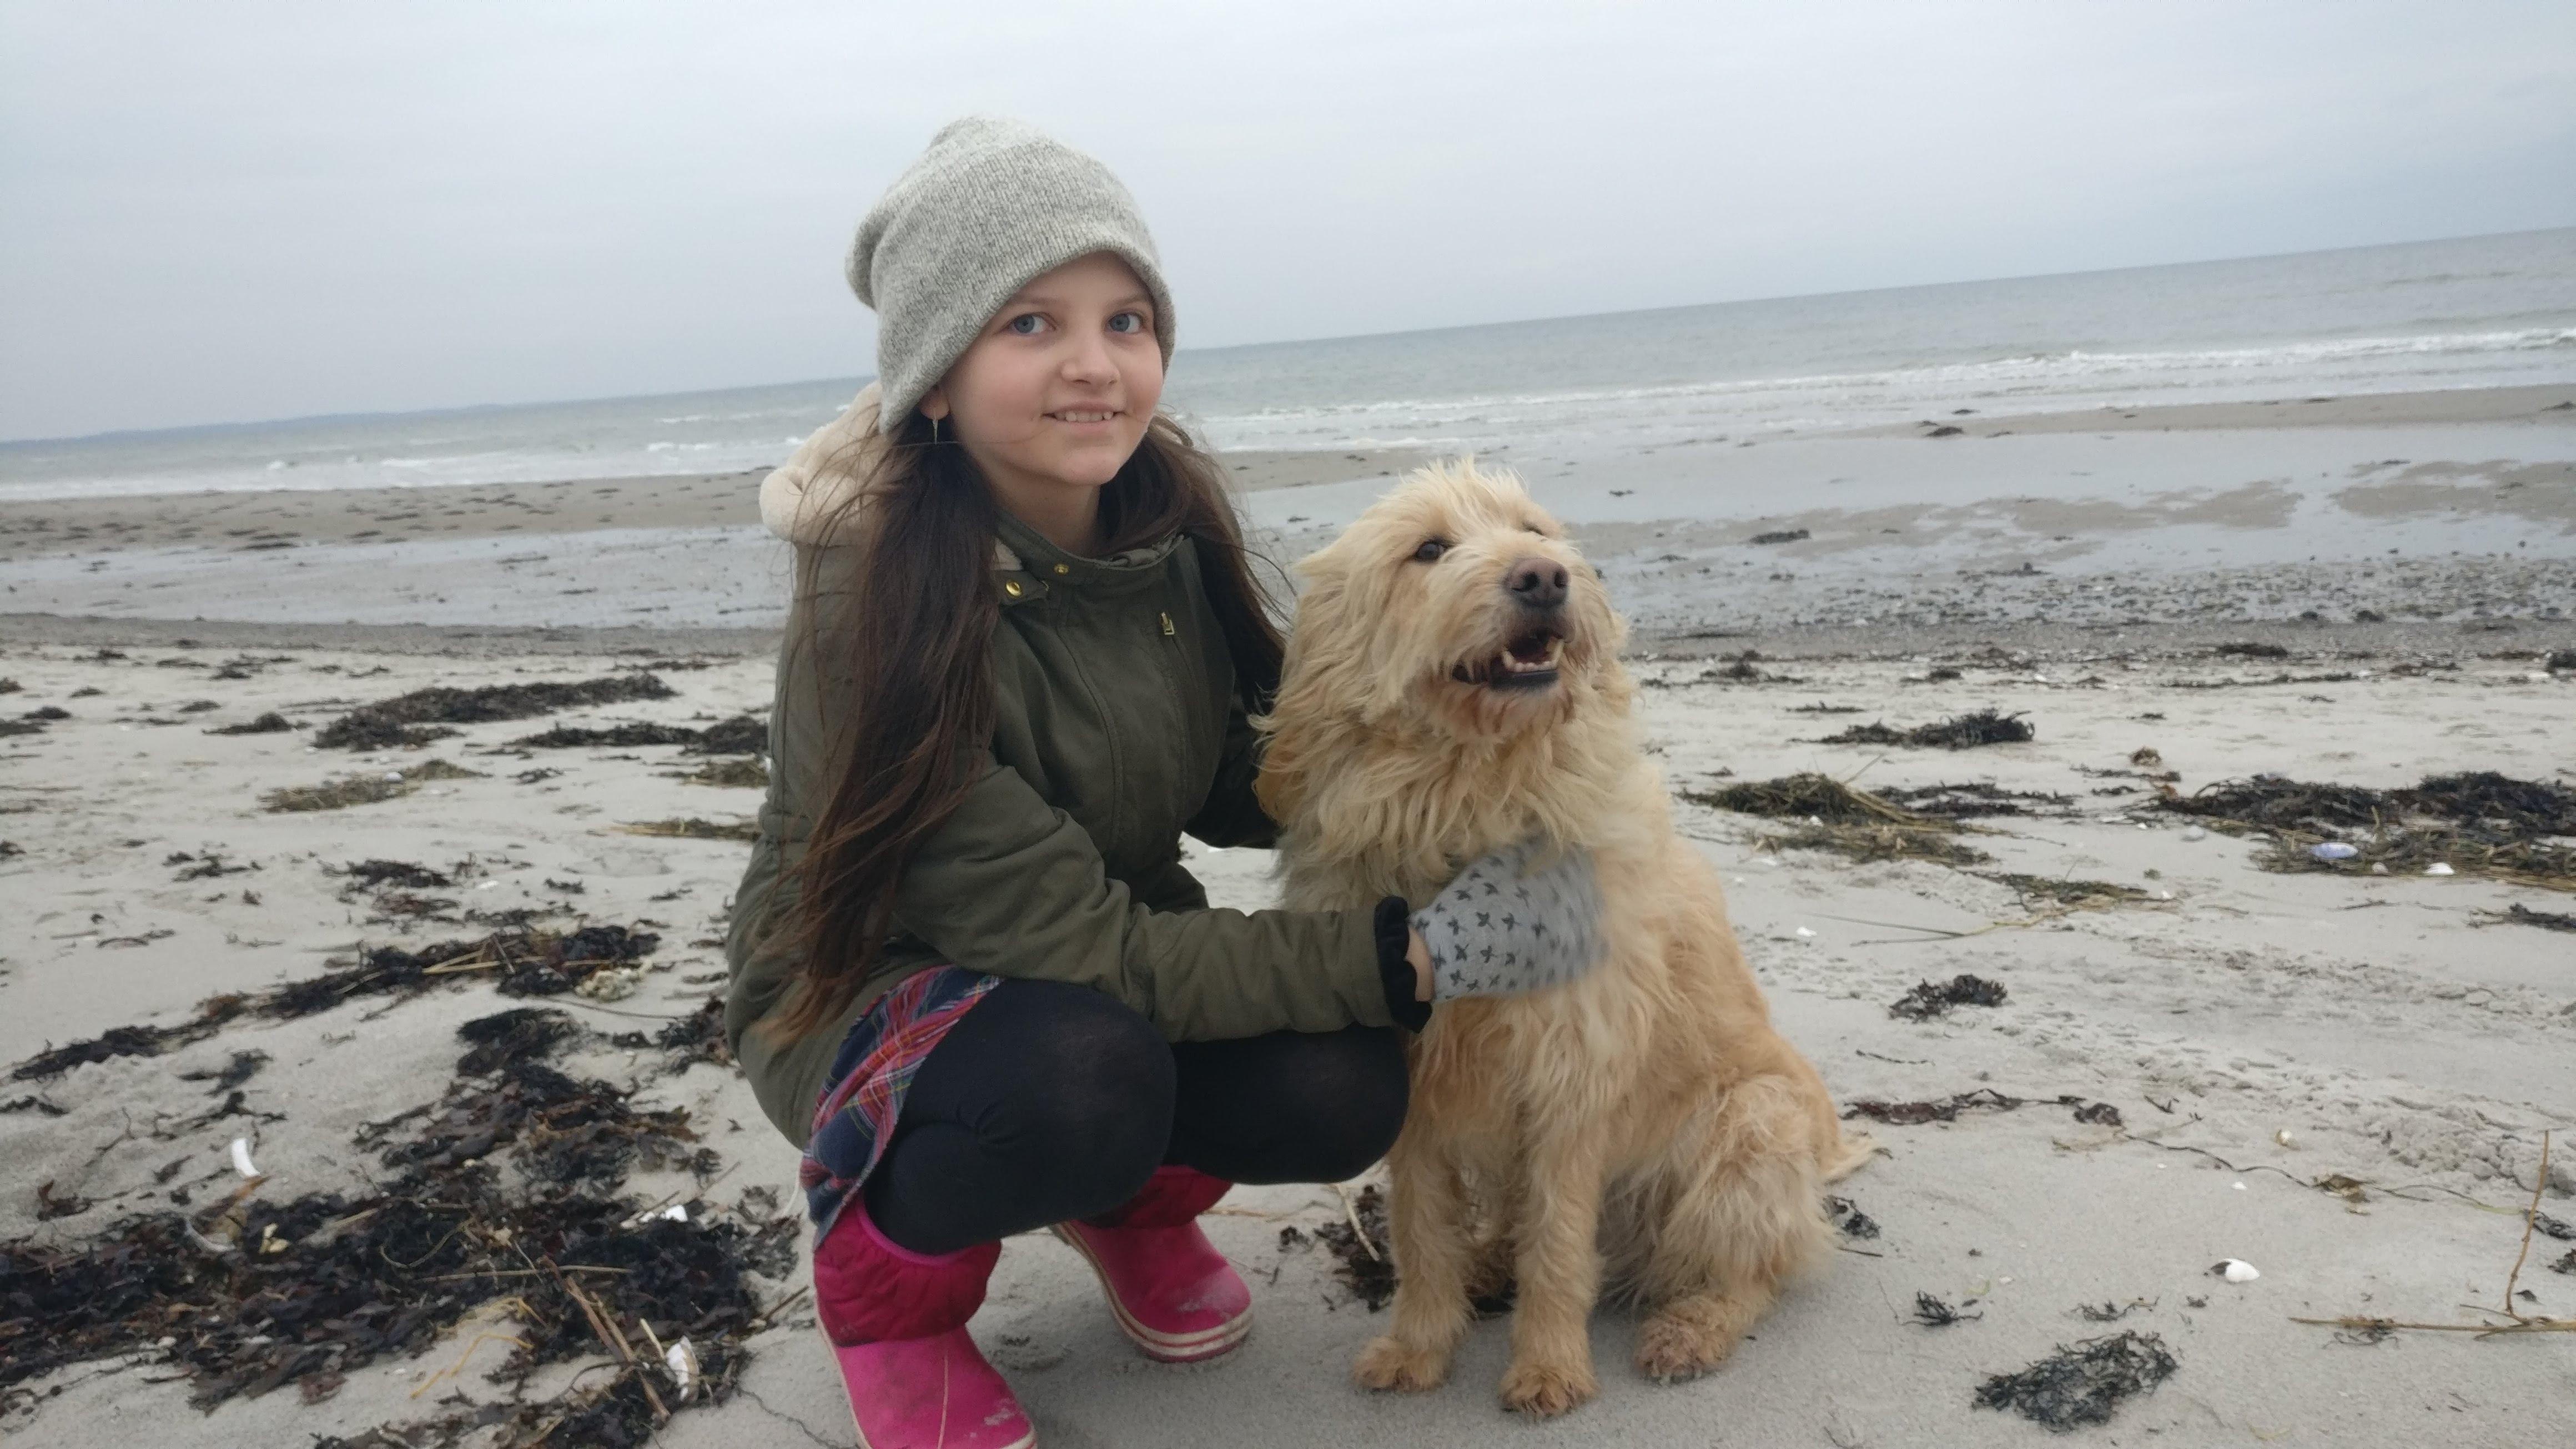 Emmely med hendes hund Lizzie